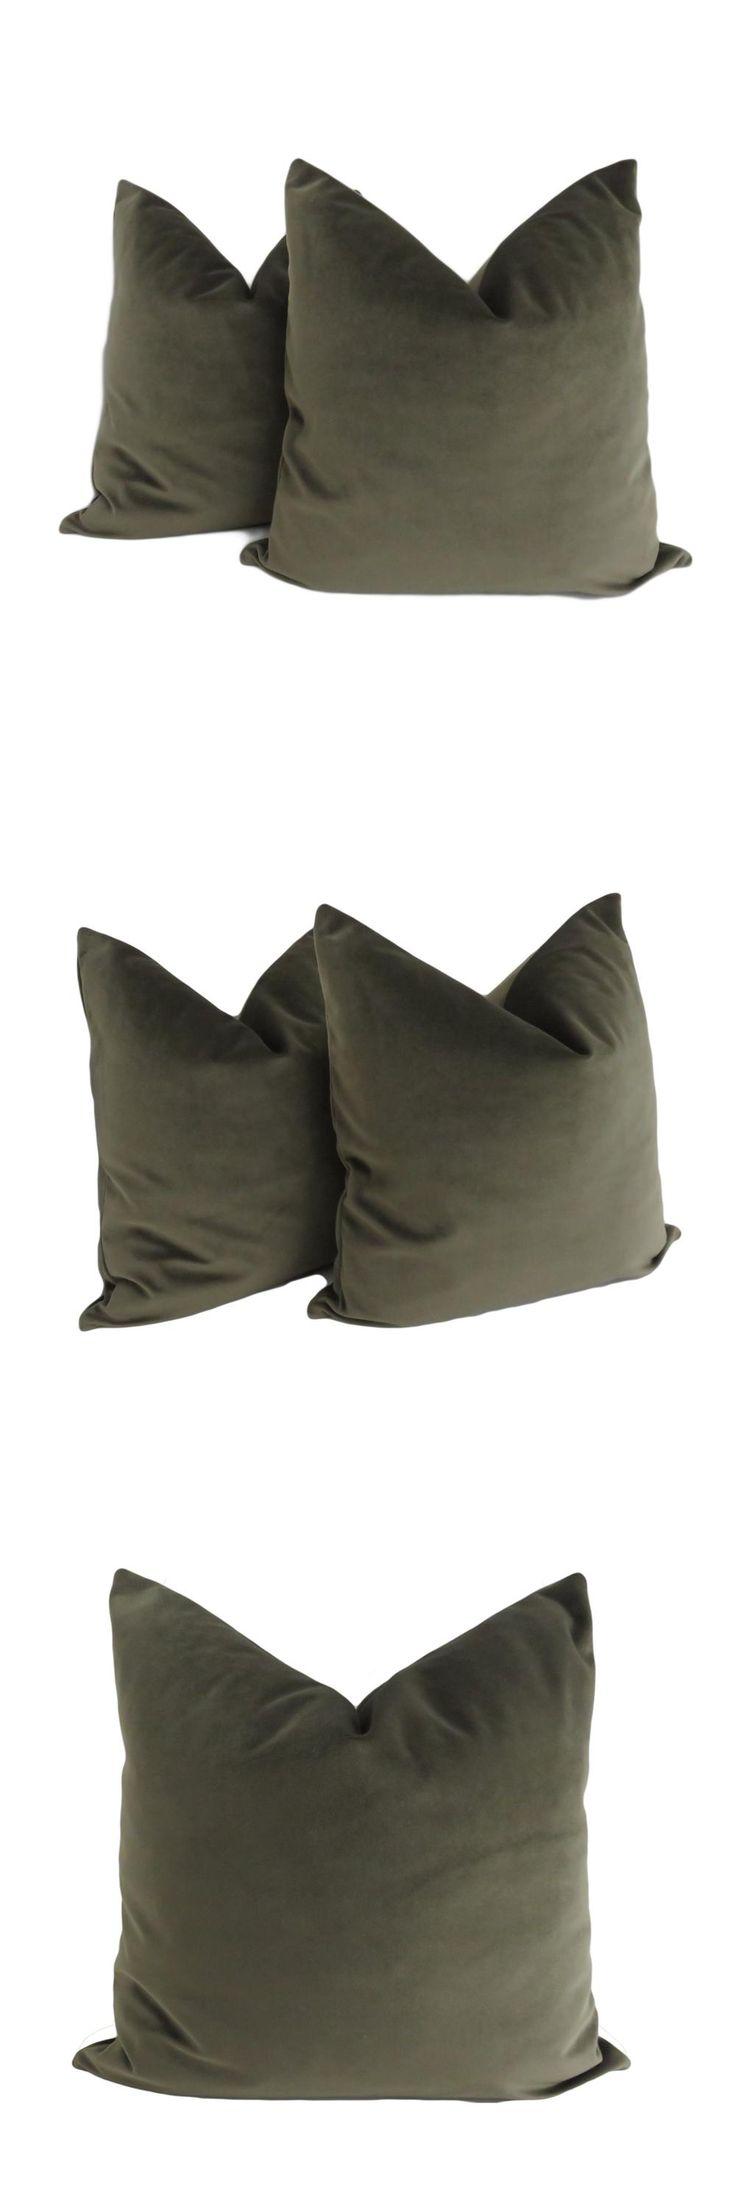 ESSIE HOME Luxury Moss Green Dark Green Cushion Cover Pillow Case Lumber Pillow Case Velvet